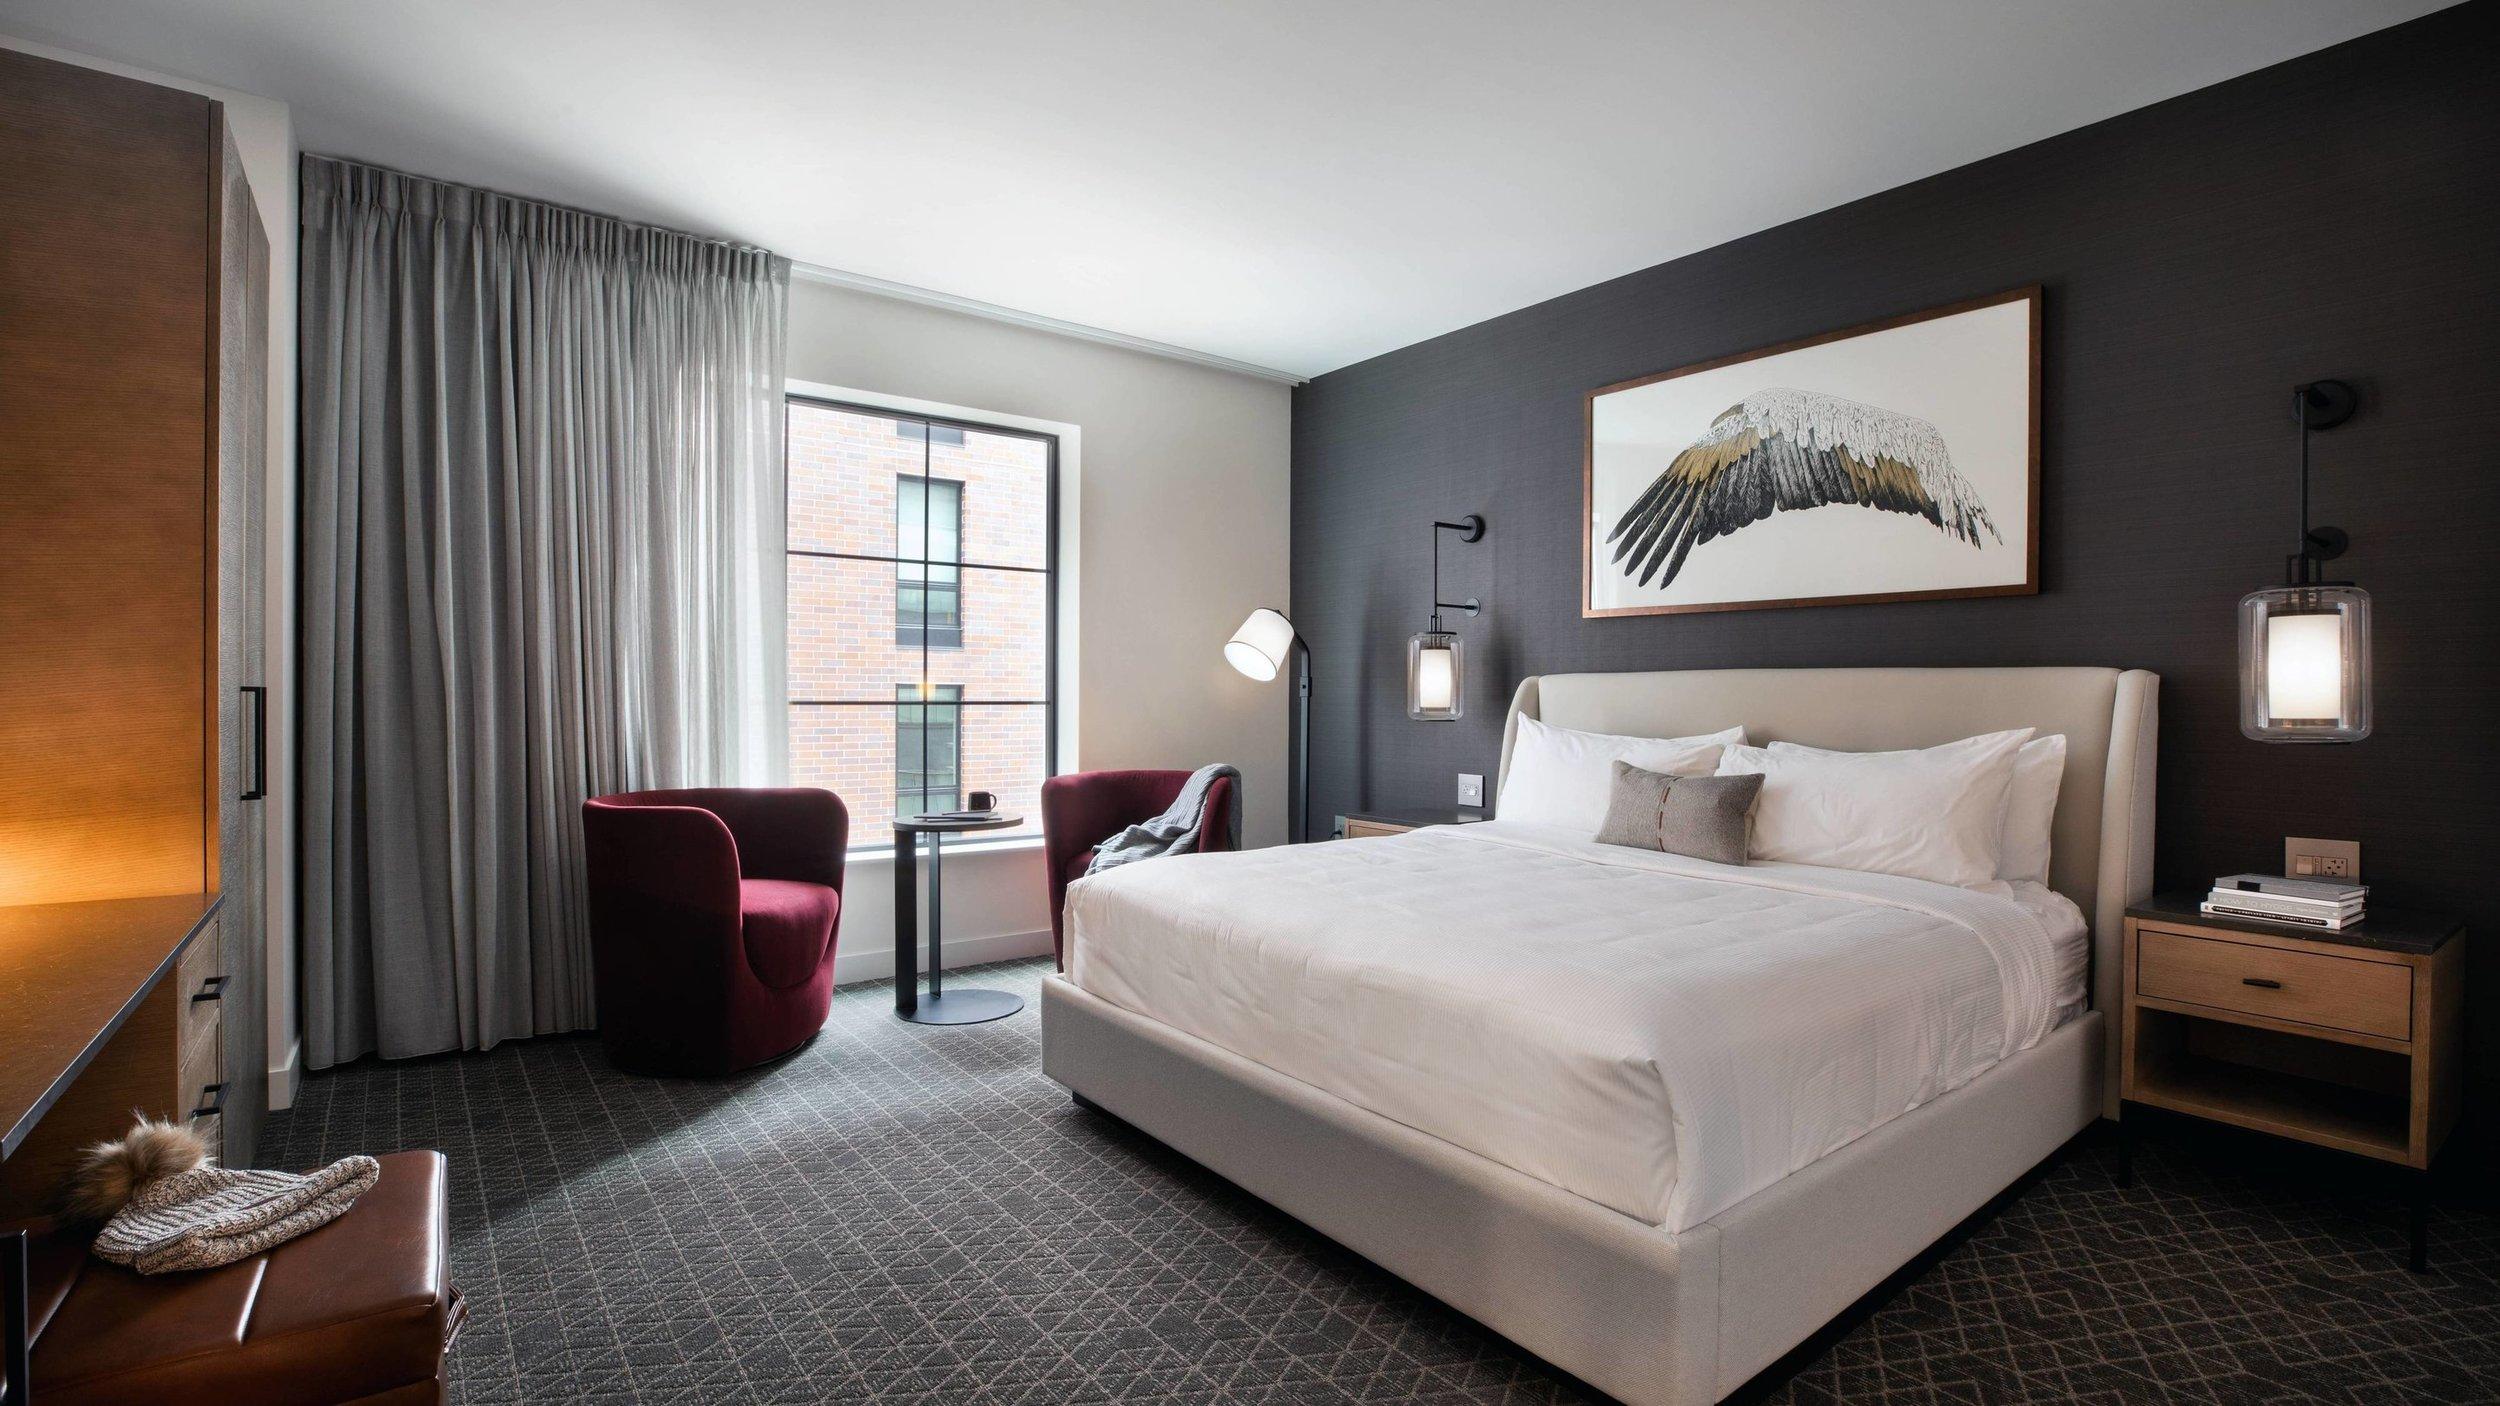 mspad-guestroom-1507-hor-wide.jpg